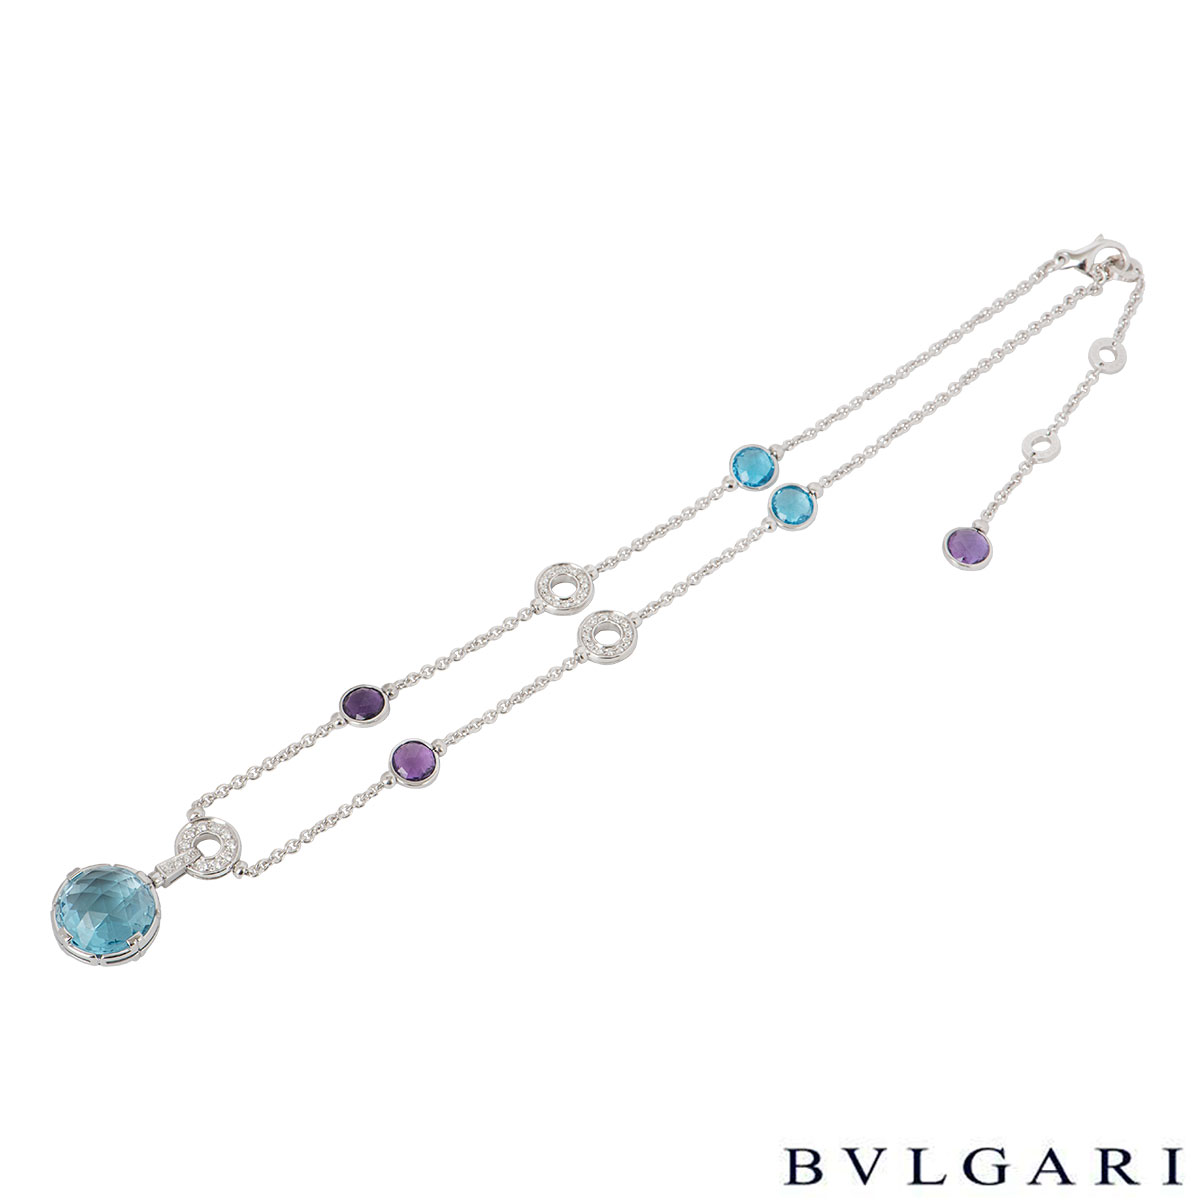 Bvlgari Parentesi White Gold Diamond And Multi-Gem Necklace